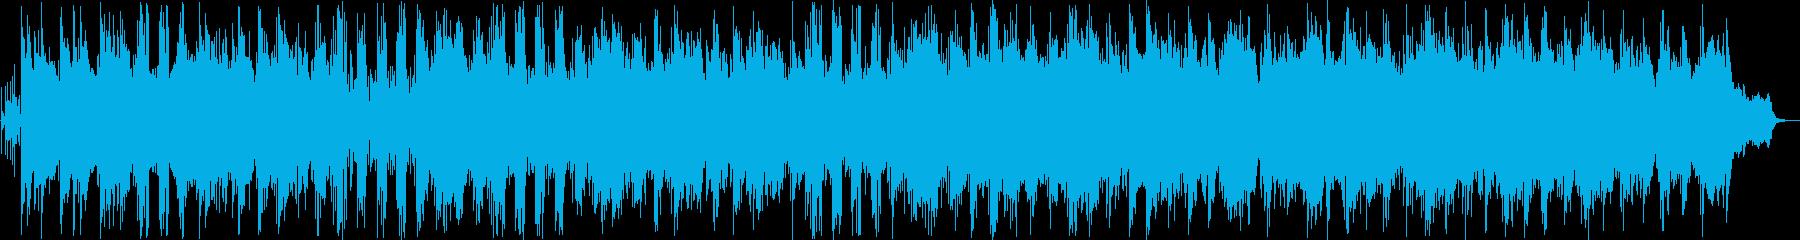 穏やかなシンセインスト曲の再生済みの波形